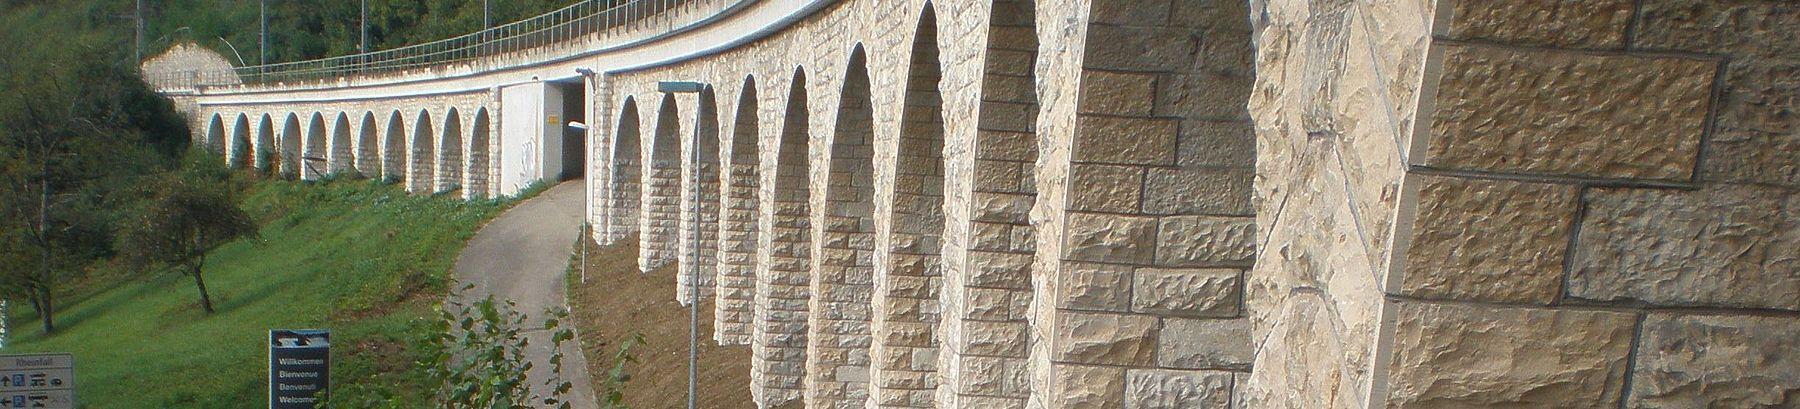 Neuhausen: Viadukt Schweizerhof 1 und 2